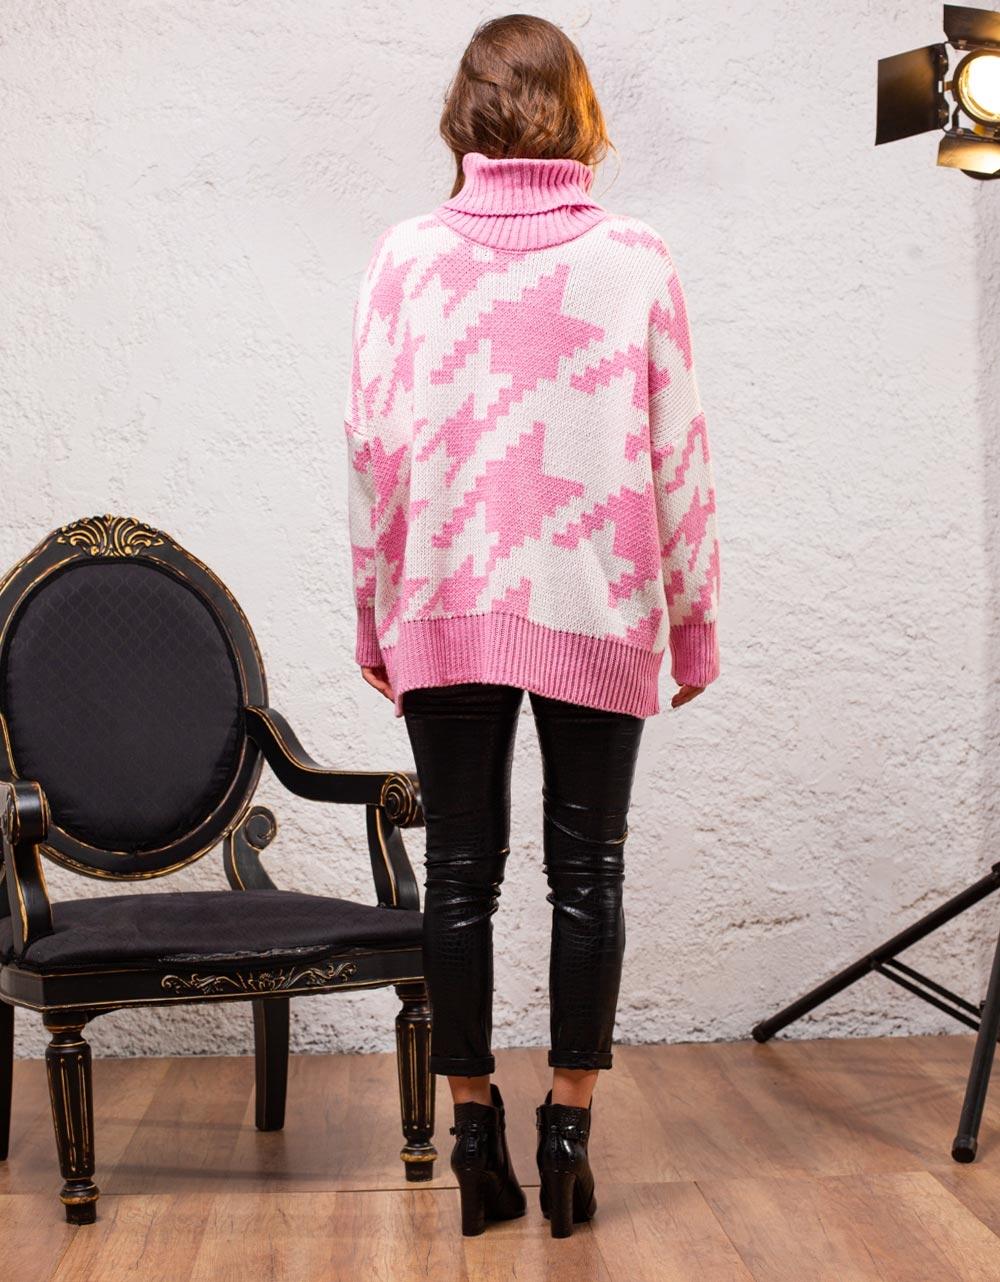 Εικόνα από Γυναικεία μπλούζα ζιβάγκο με σχέδια Ροζ